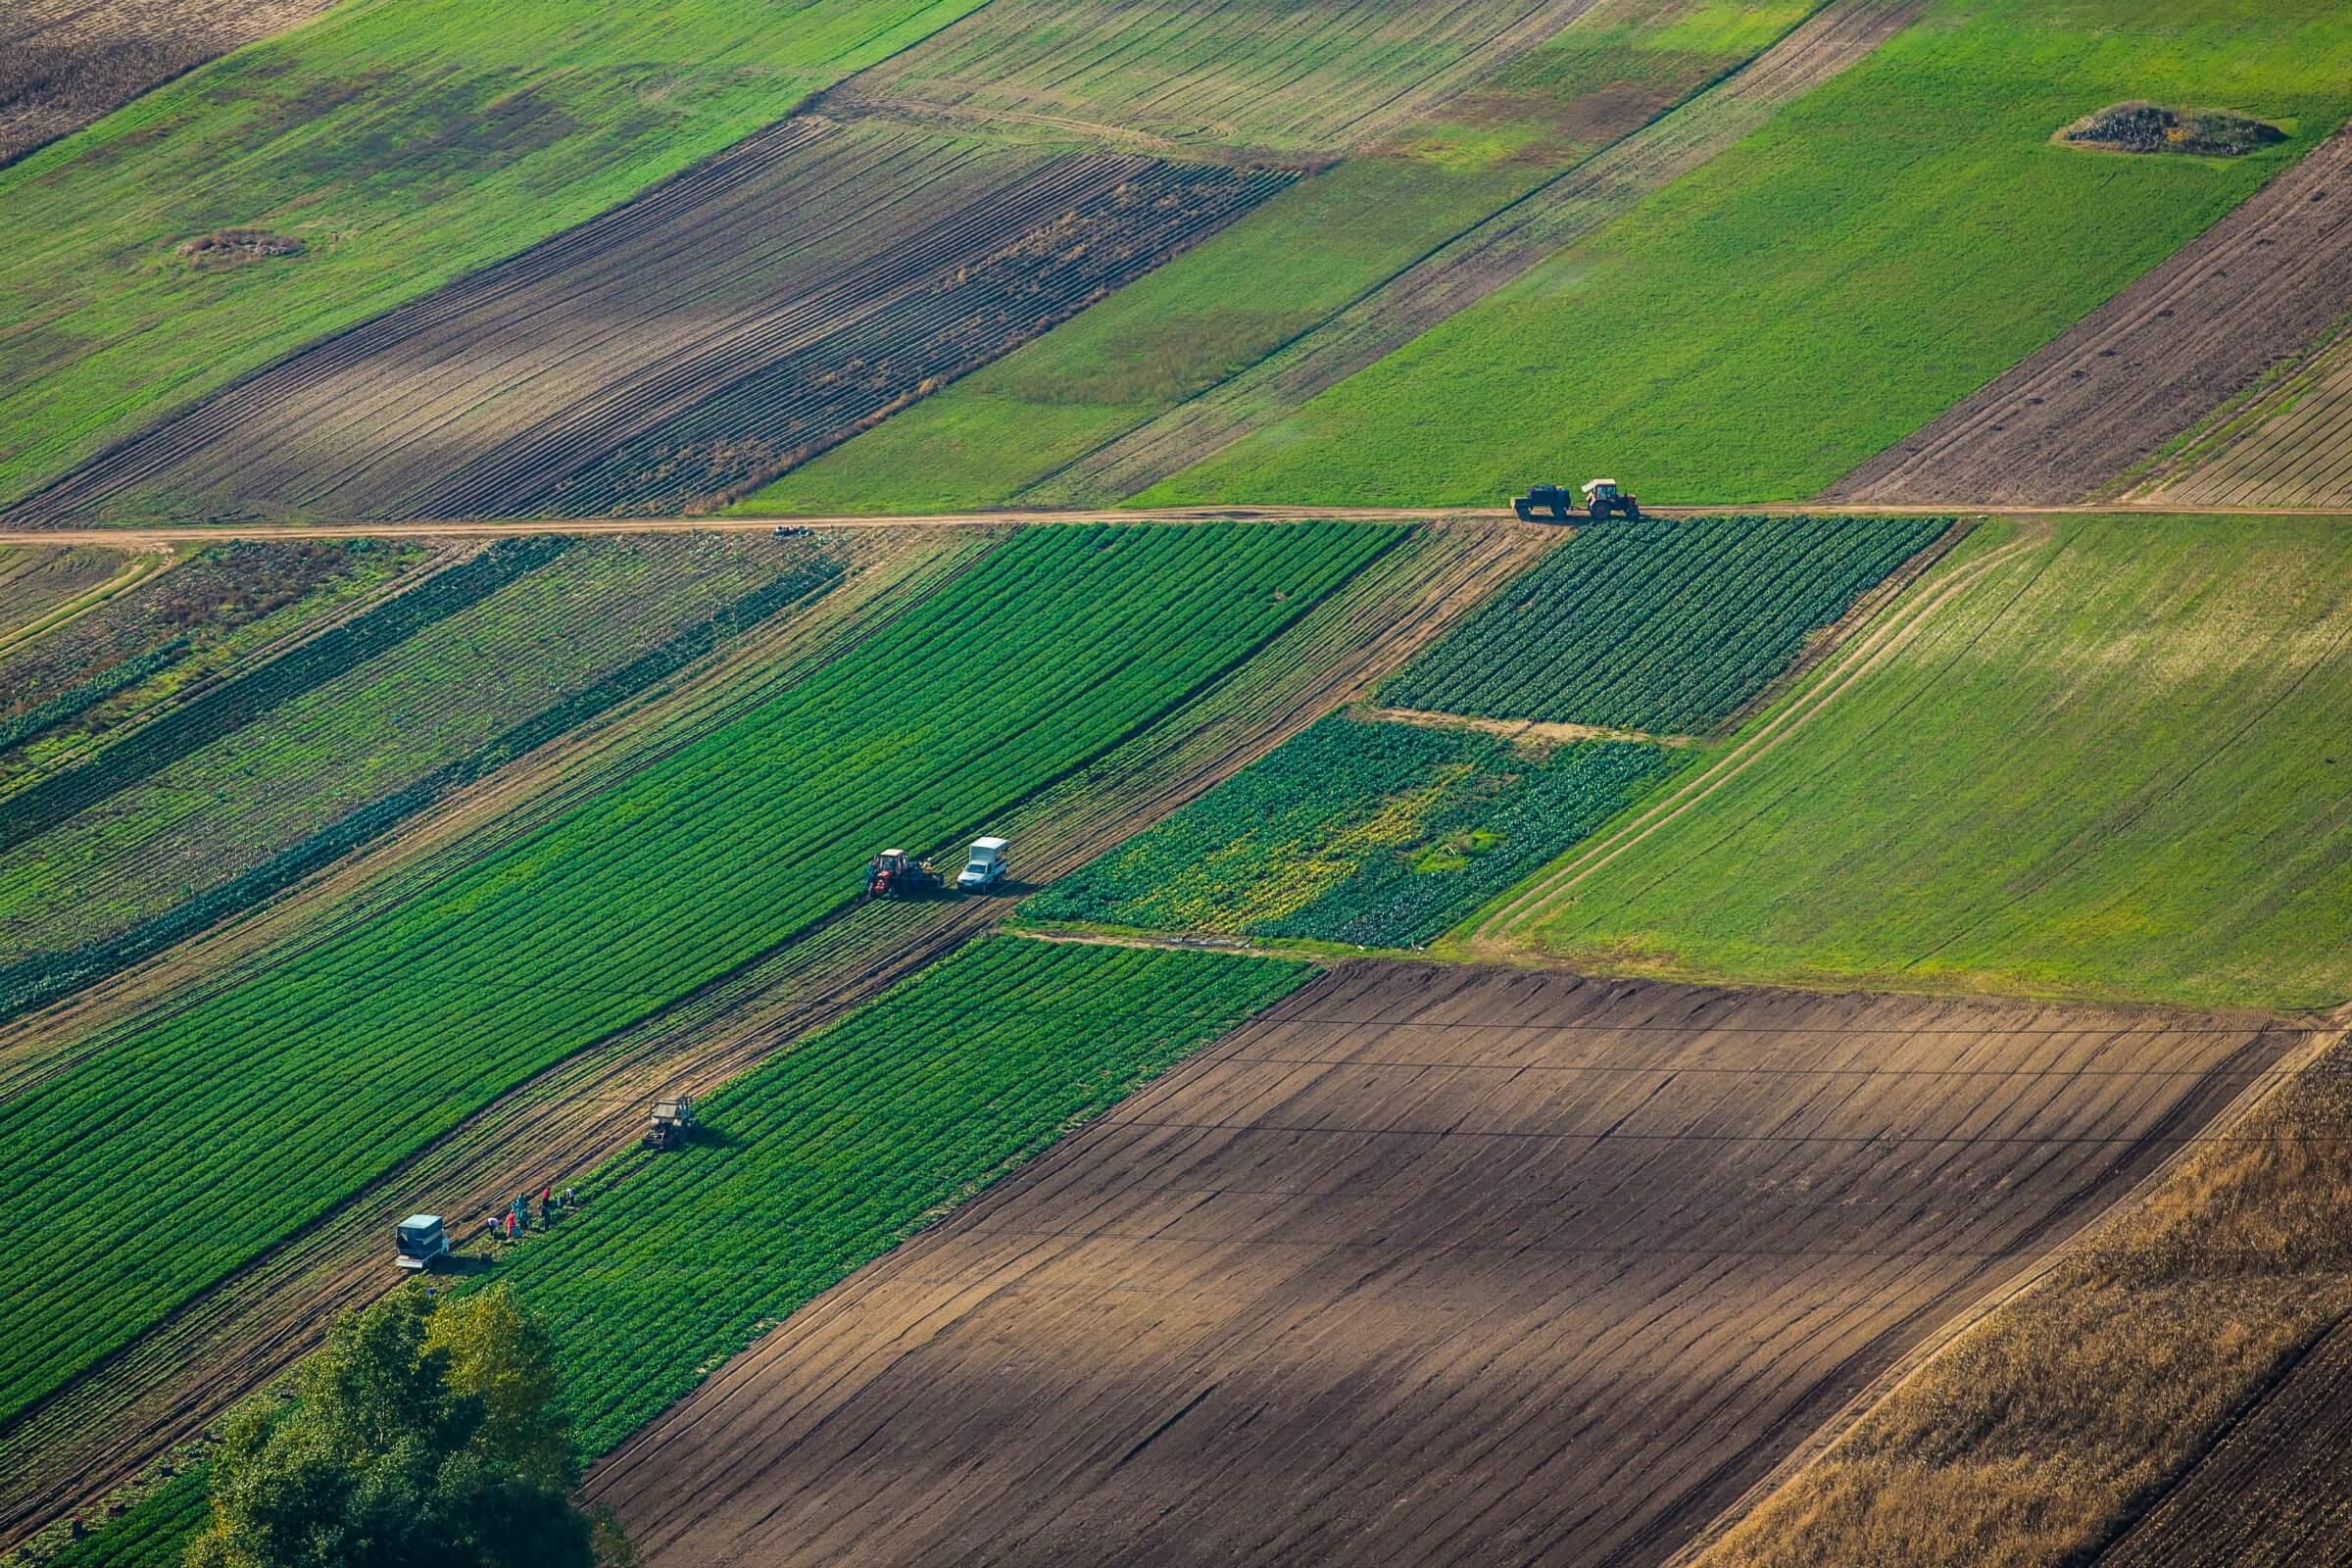 Земельная реформа в польше считается одной из самых успешных среди бывших стран соцлагеря » слово и дело